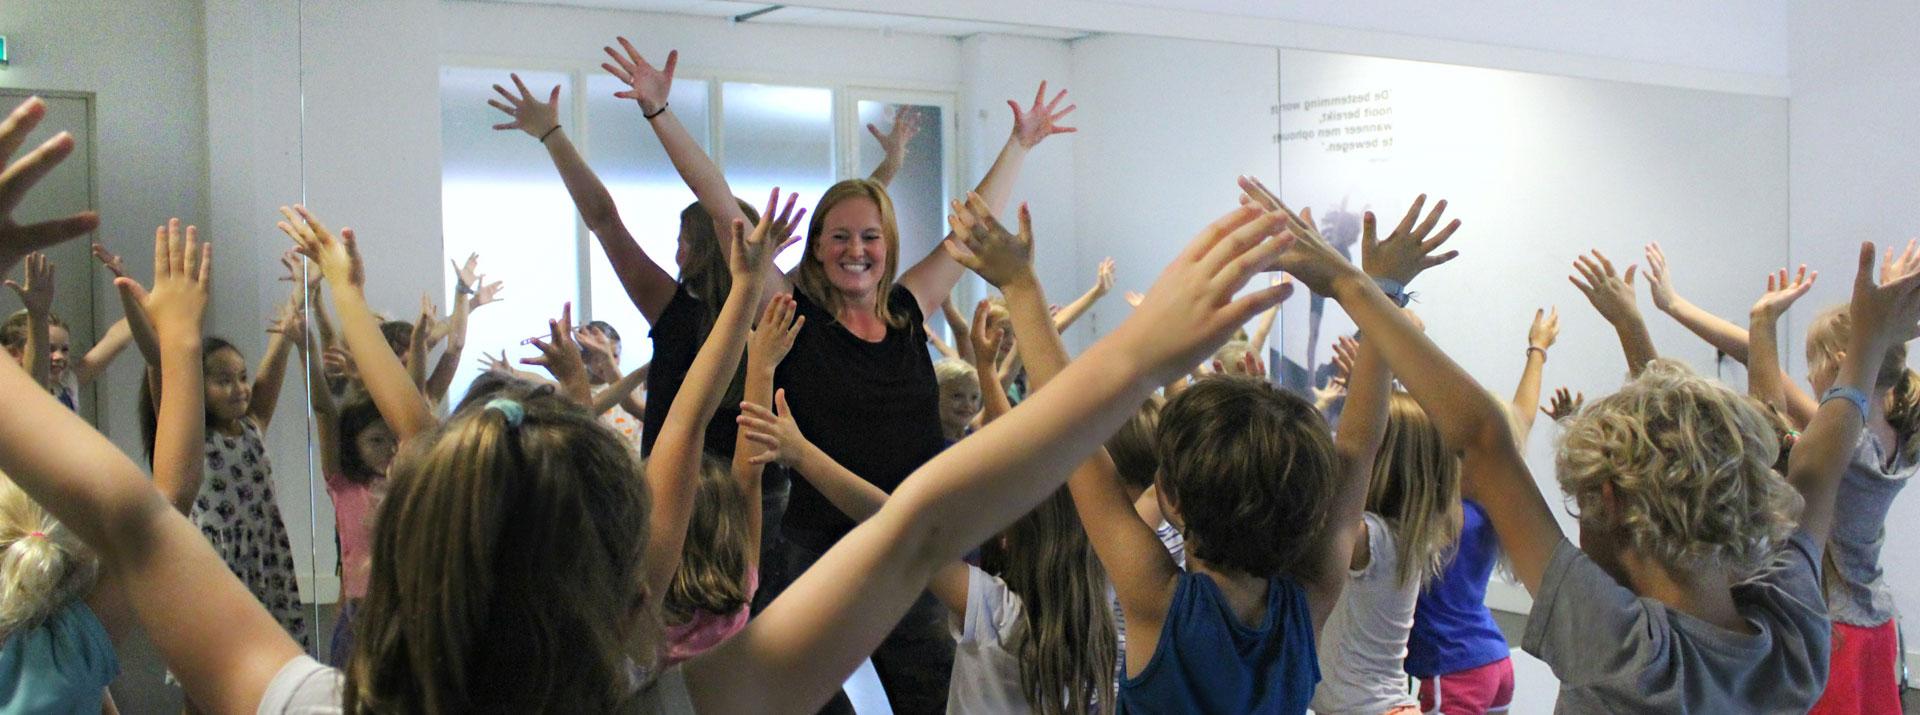 Dansworkshops voor scholen,<br> kinderdagverblijven en kinderfeestjes